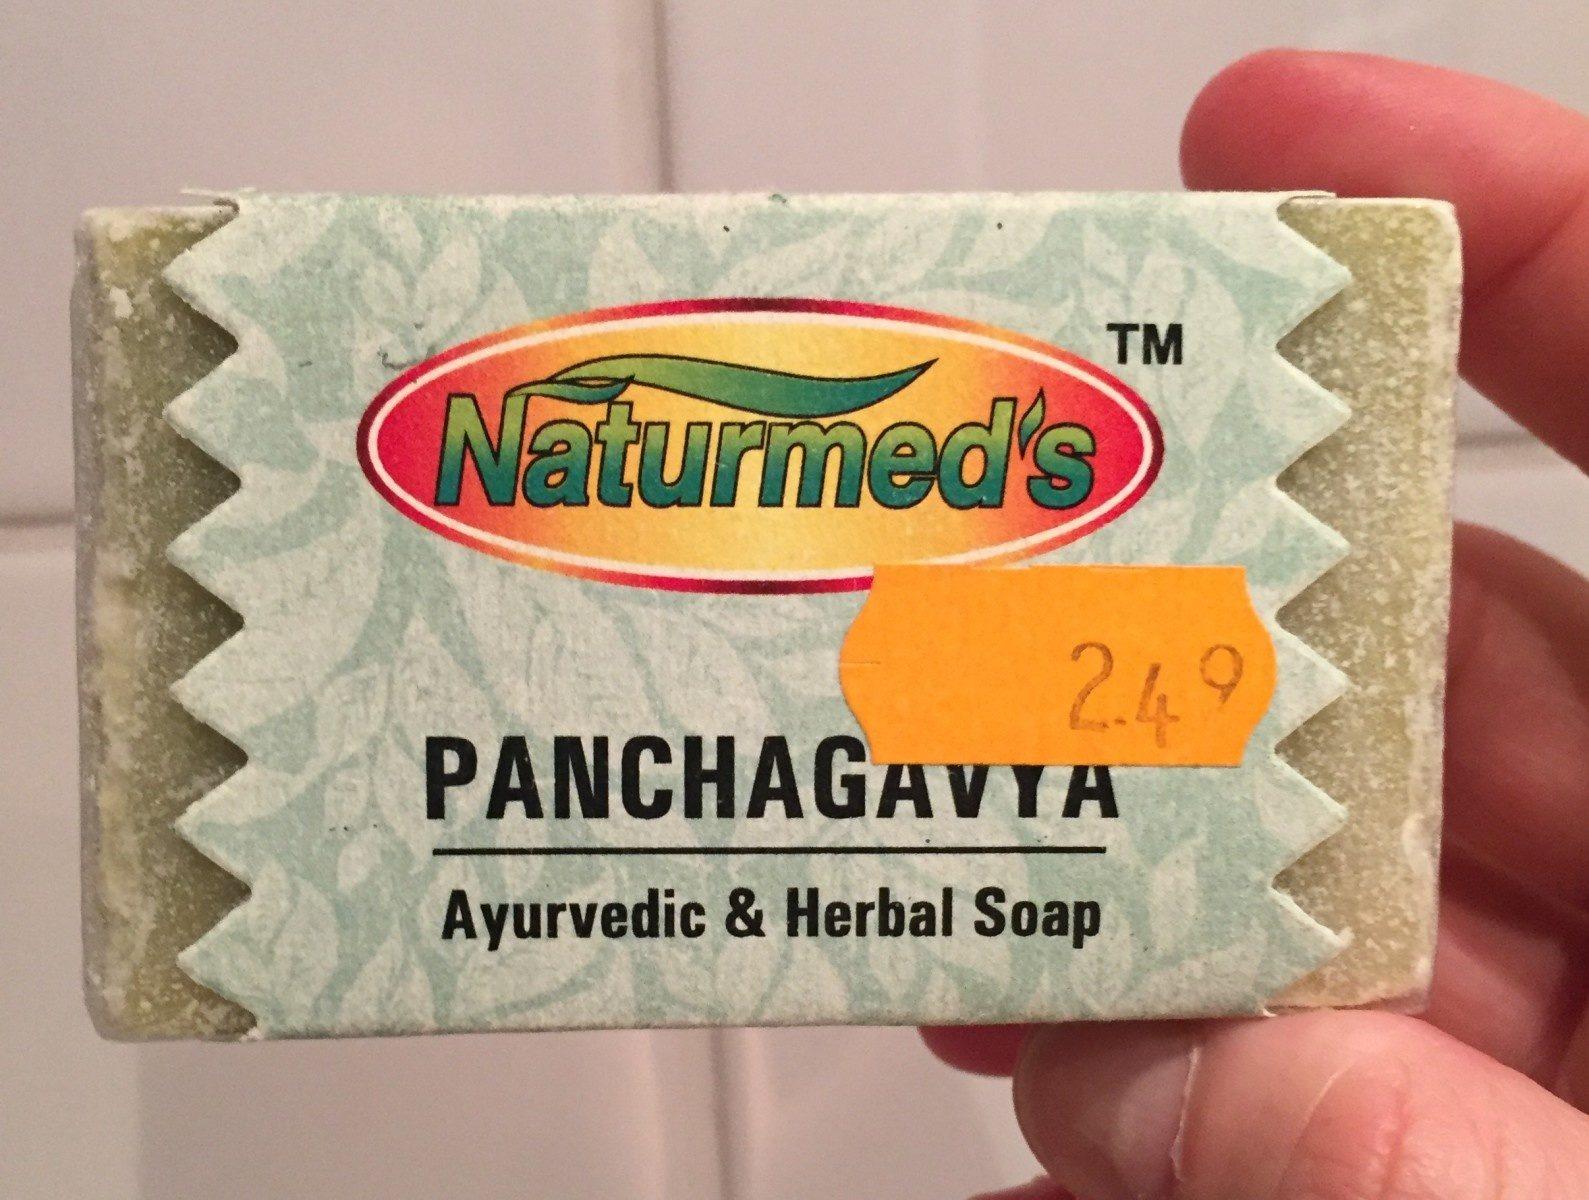 Panchagavya Ayuvedic & Herbal Soap - Product